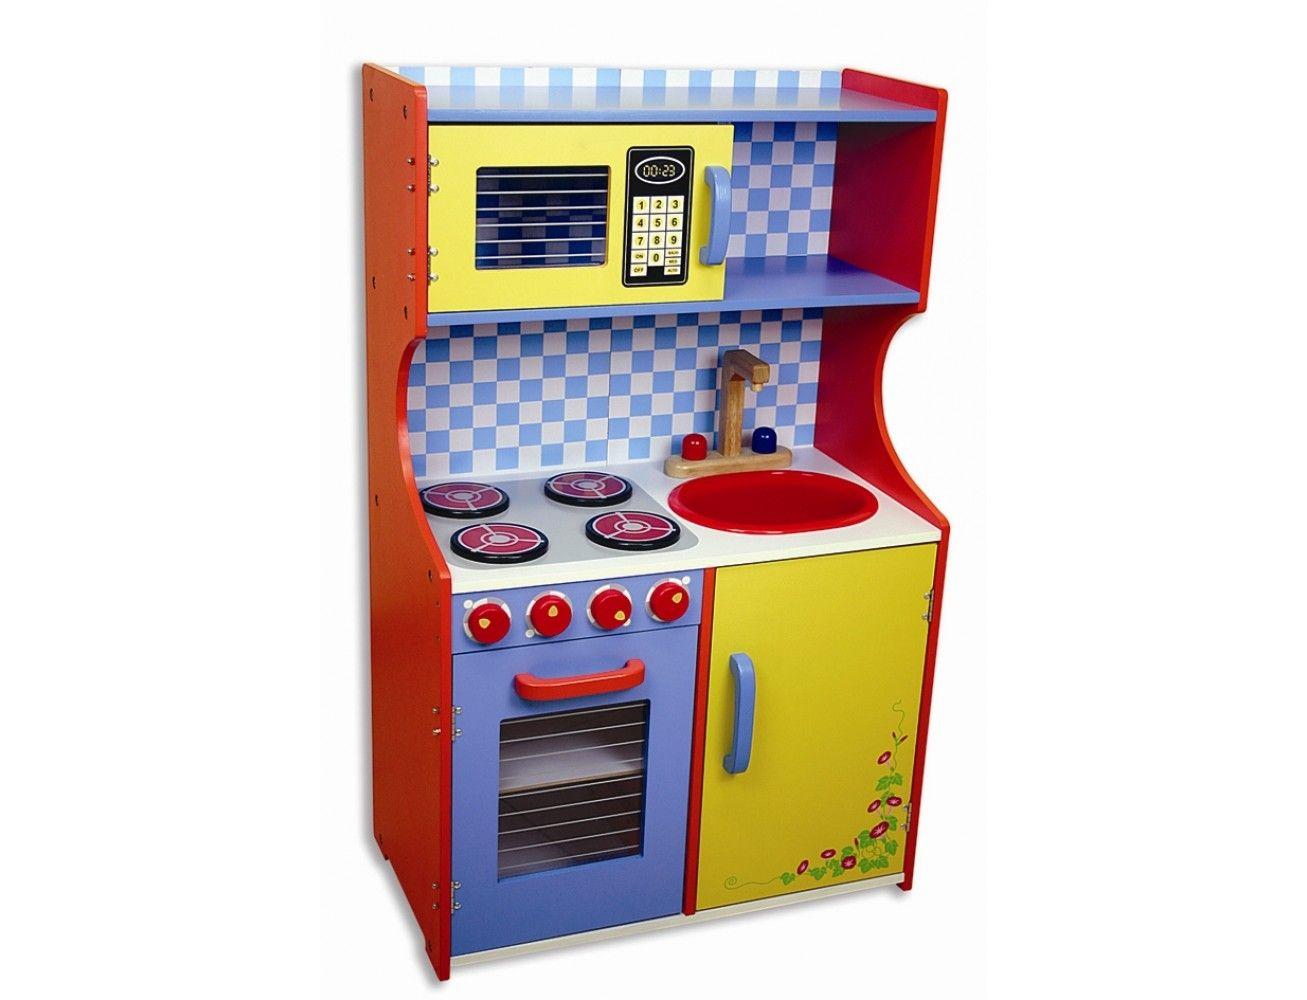 Cocina Multicolor Desmontada Juegos De Matem Ticas Para Ni Os  # Nino Muebles Uy